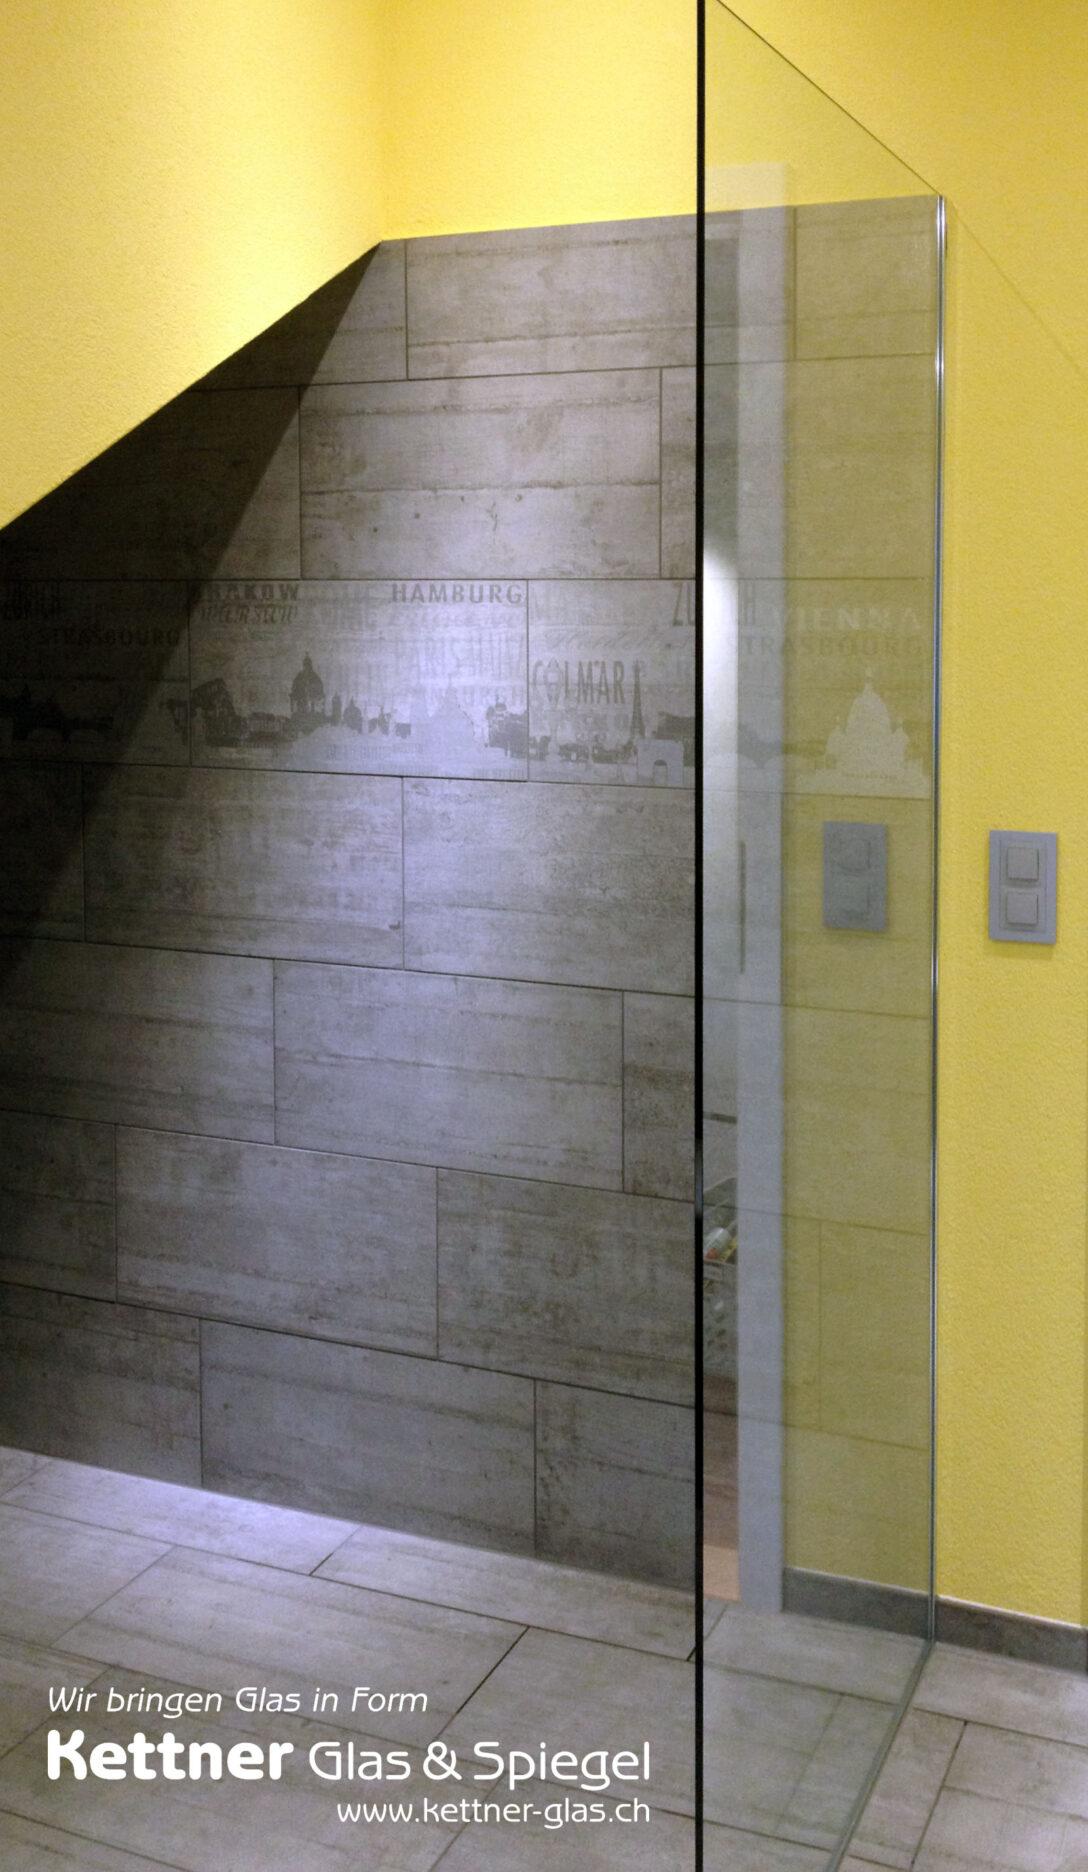 Large Size of Glastrennwand Dusche Glastrennwnde Duschtrennwnde Aus Klarglas Auch Showerguard Glas Wand Hsk Duschen Einhebelmischer Walk In Glastür Glaswand Raindance Dusche Glastrennwand Dusche